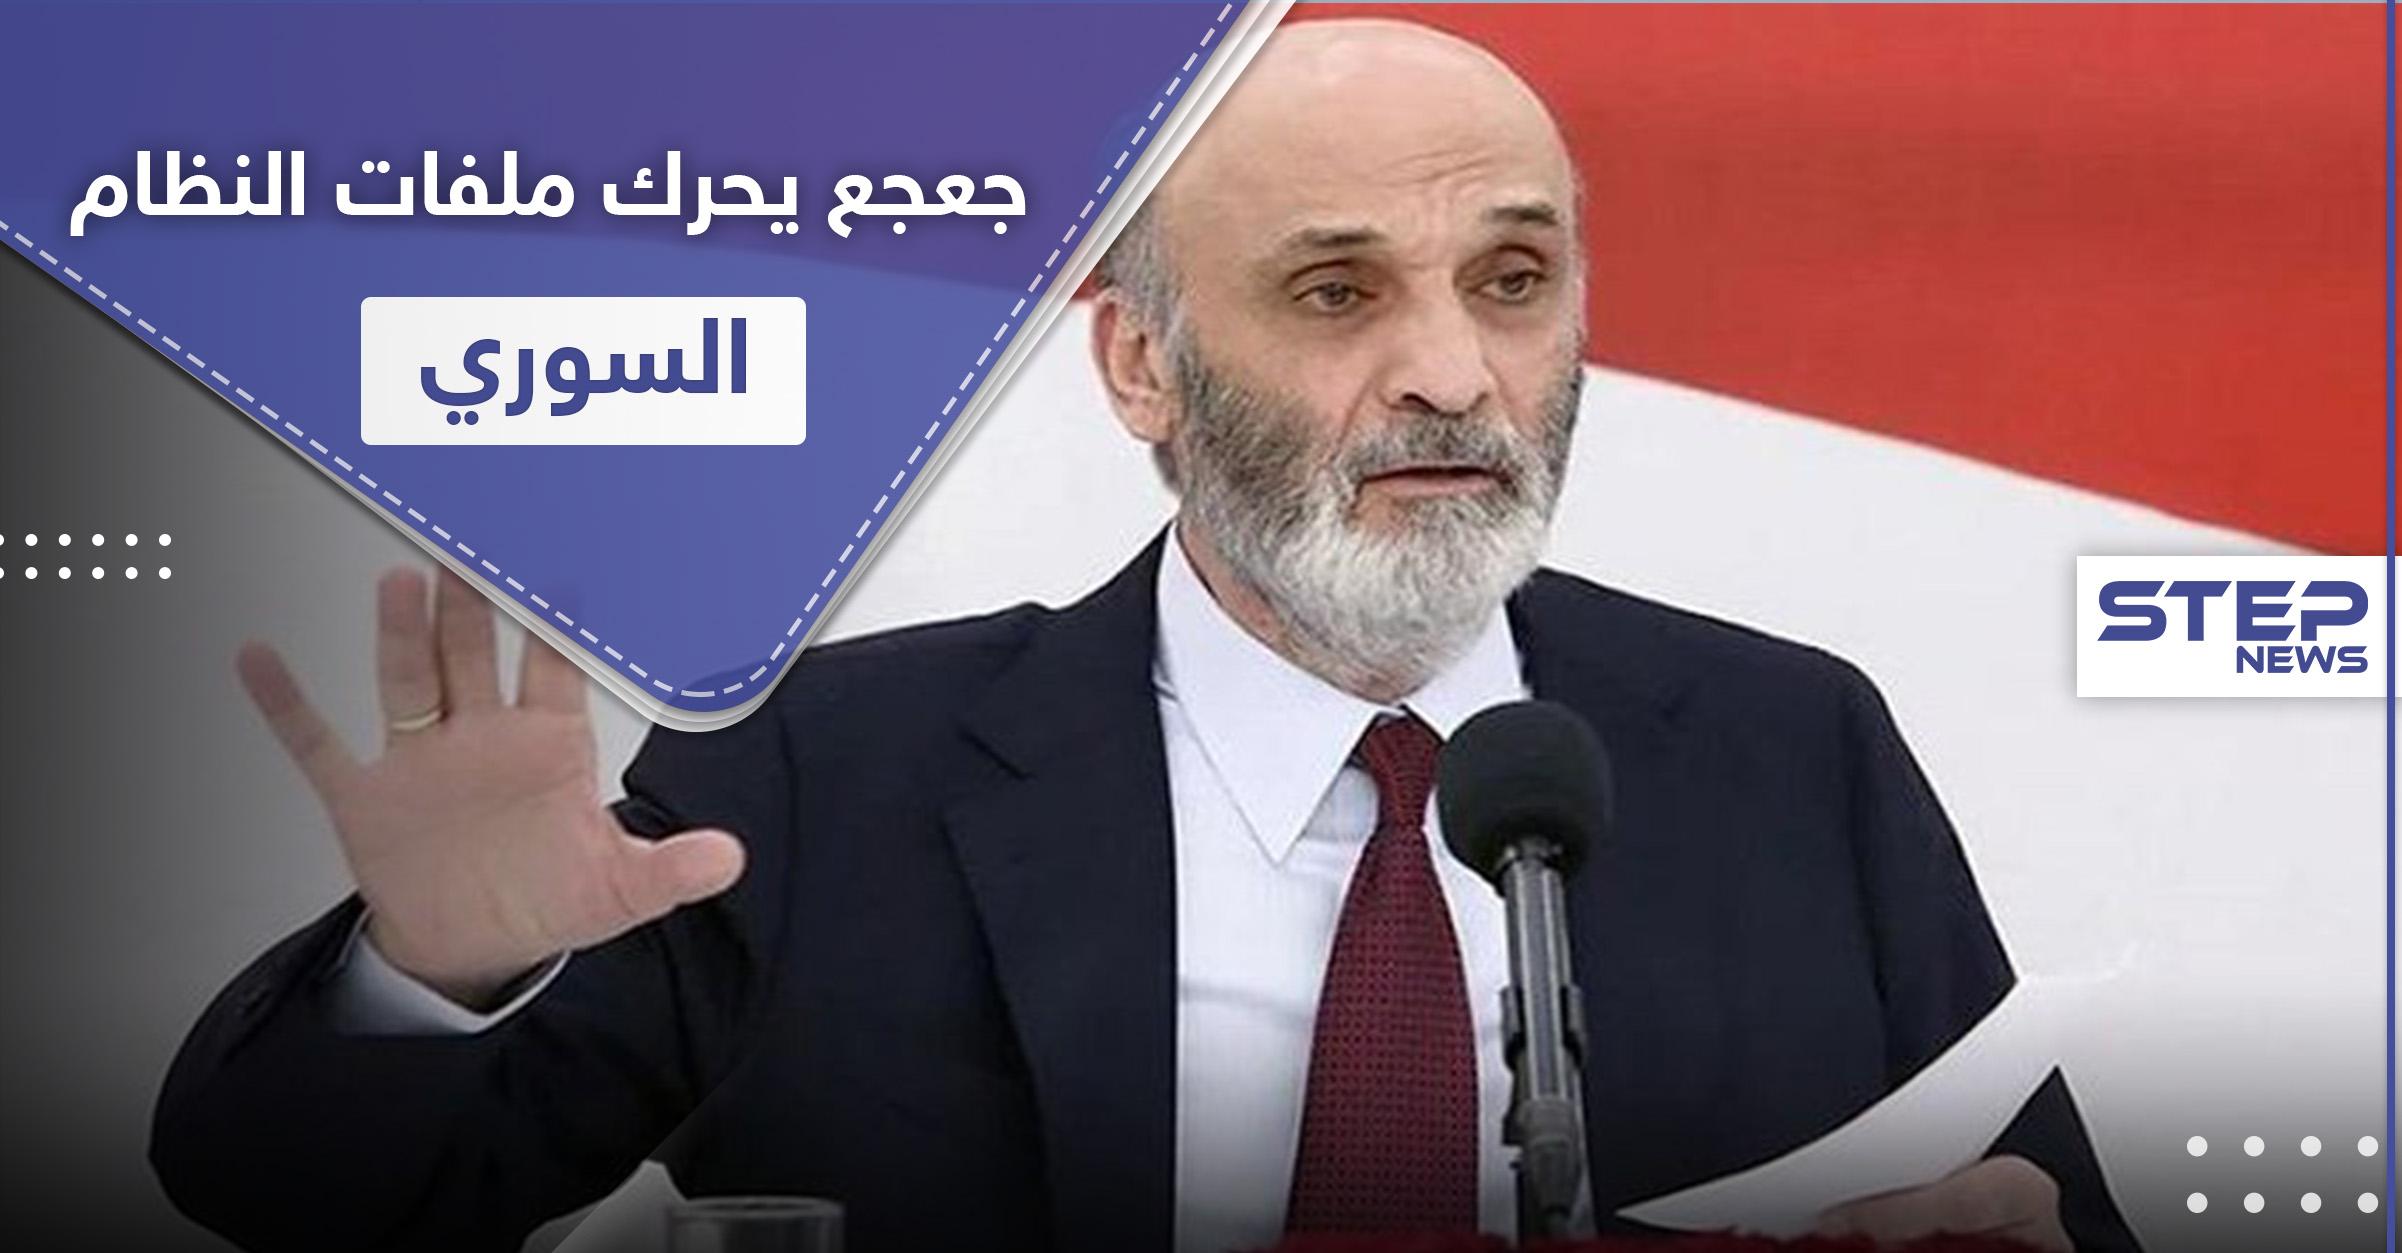 شهادة عمر الشغري تكشف مصير لبنانيين أسرى لدى النظام السوري.. وسمير جعجع يطالب بالتحرك